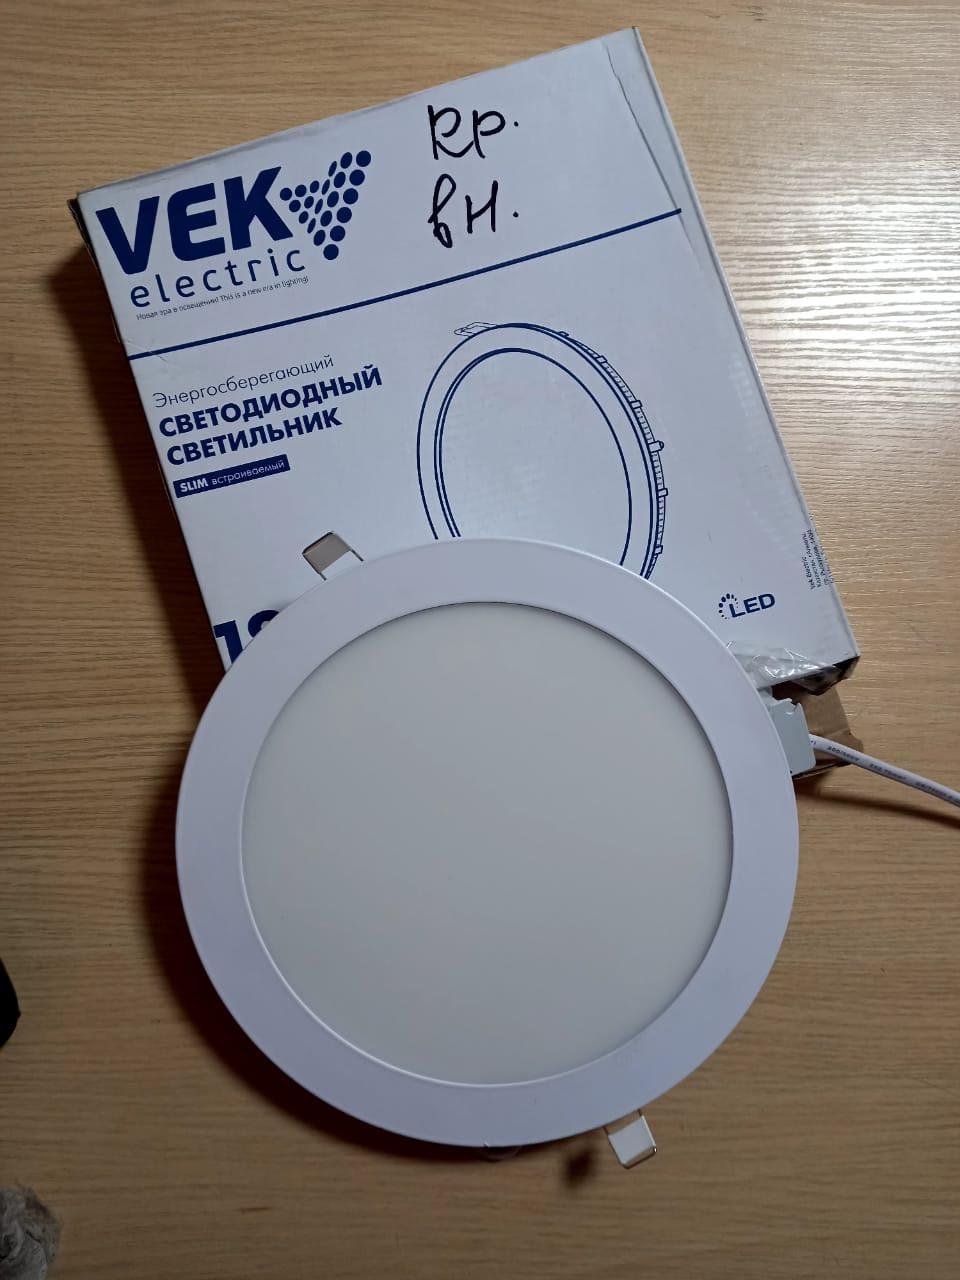 Панель светодиодная внутренняя круглая 18 W/ VEK electric